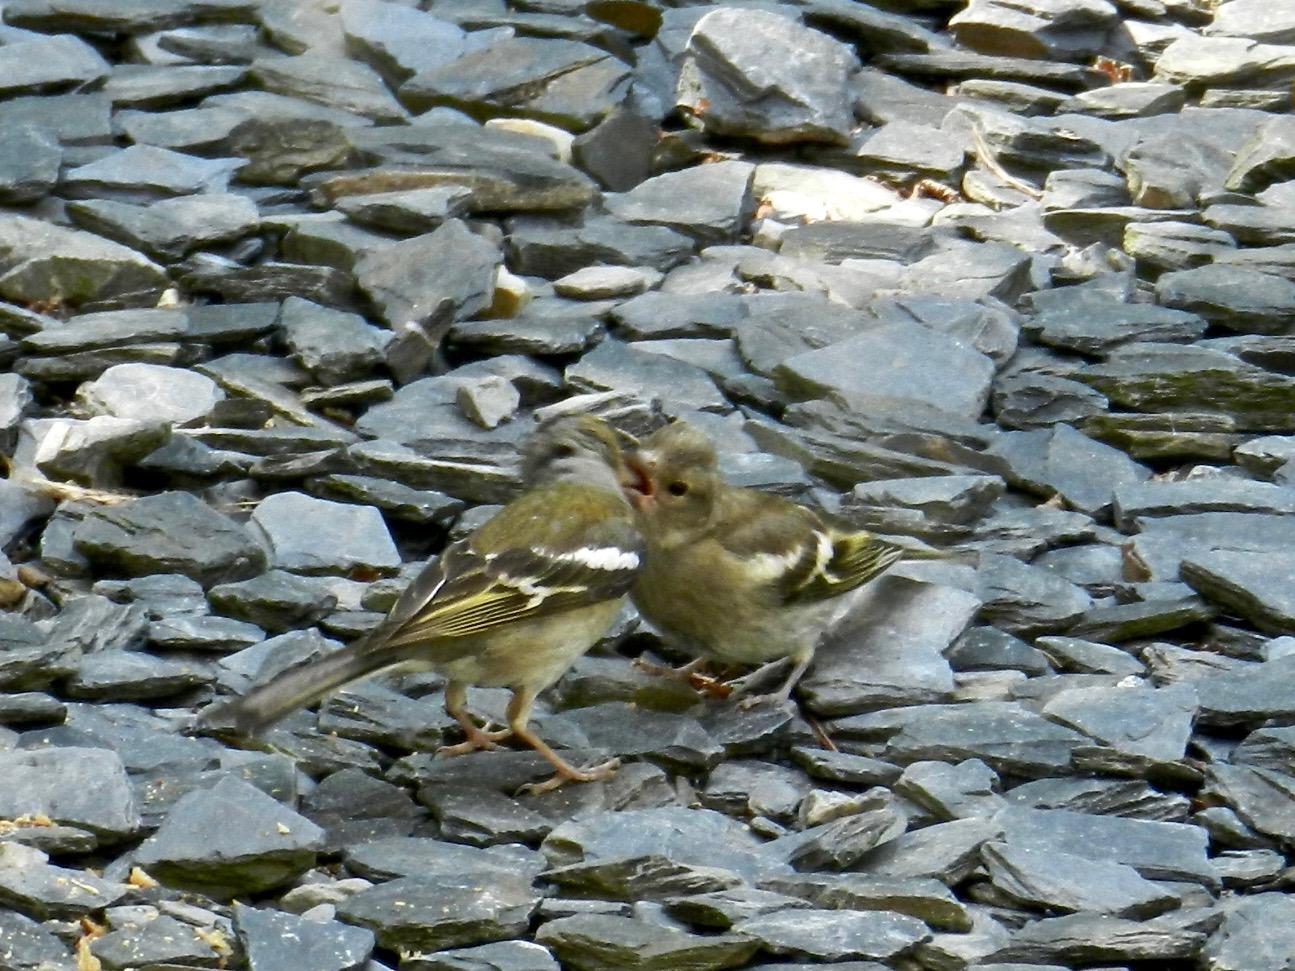 A peine tombées au sol, les graines sont picorées par les roitelets, les pinsons ou les rouge-gorges. Ce 'petit' roitelet se fait encore nourrir par sa mère.